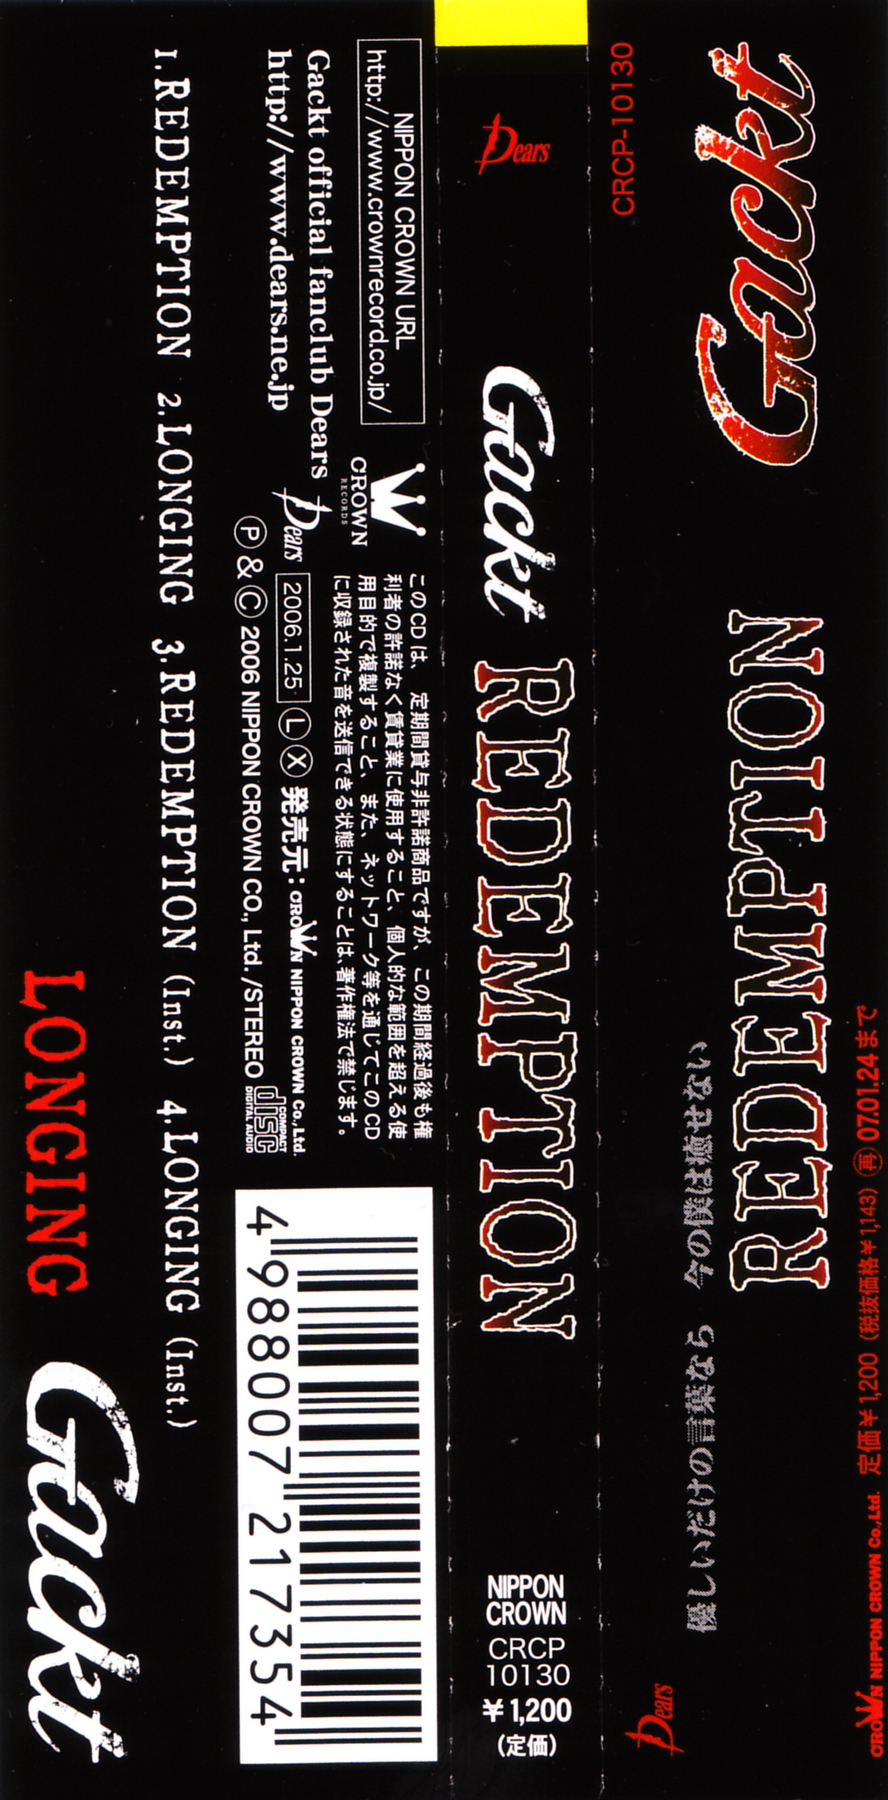 Gackt redemption album